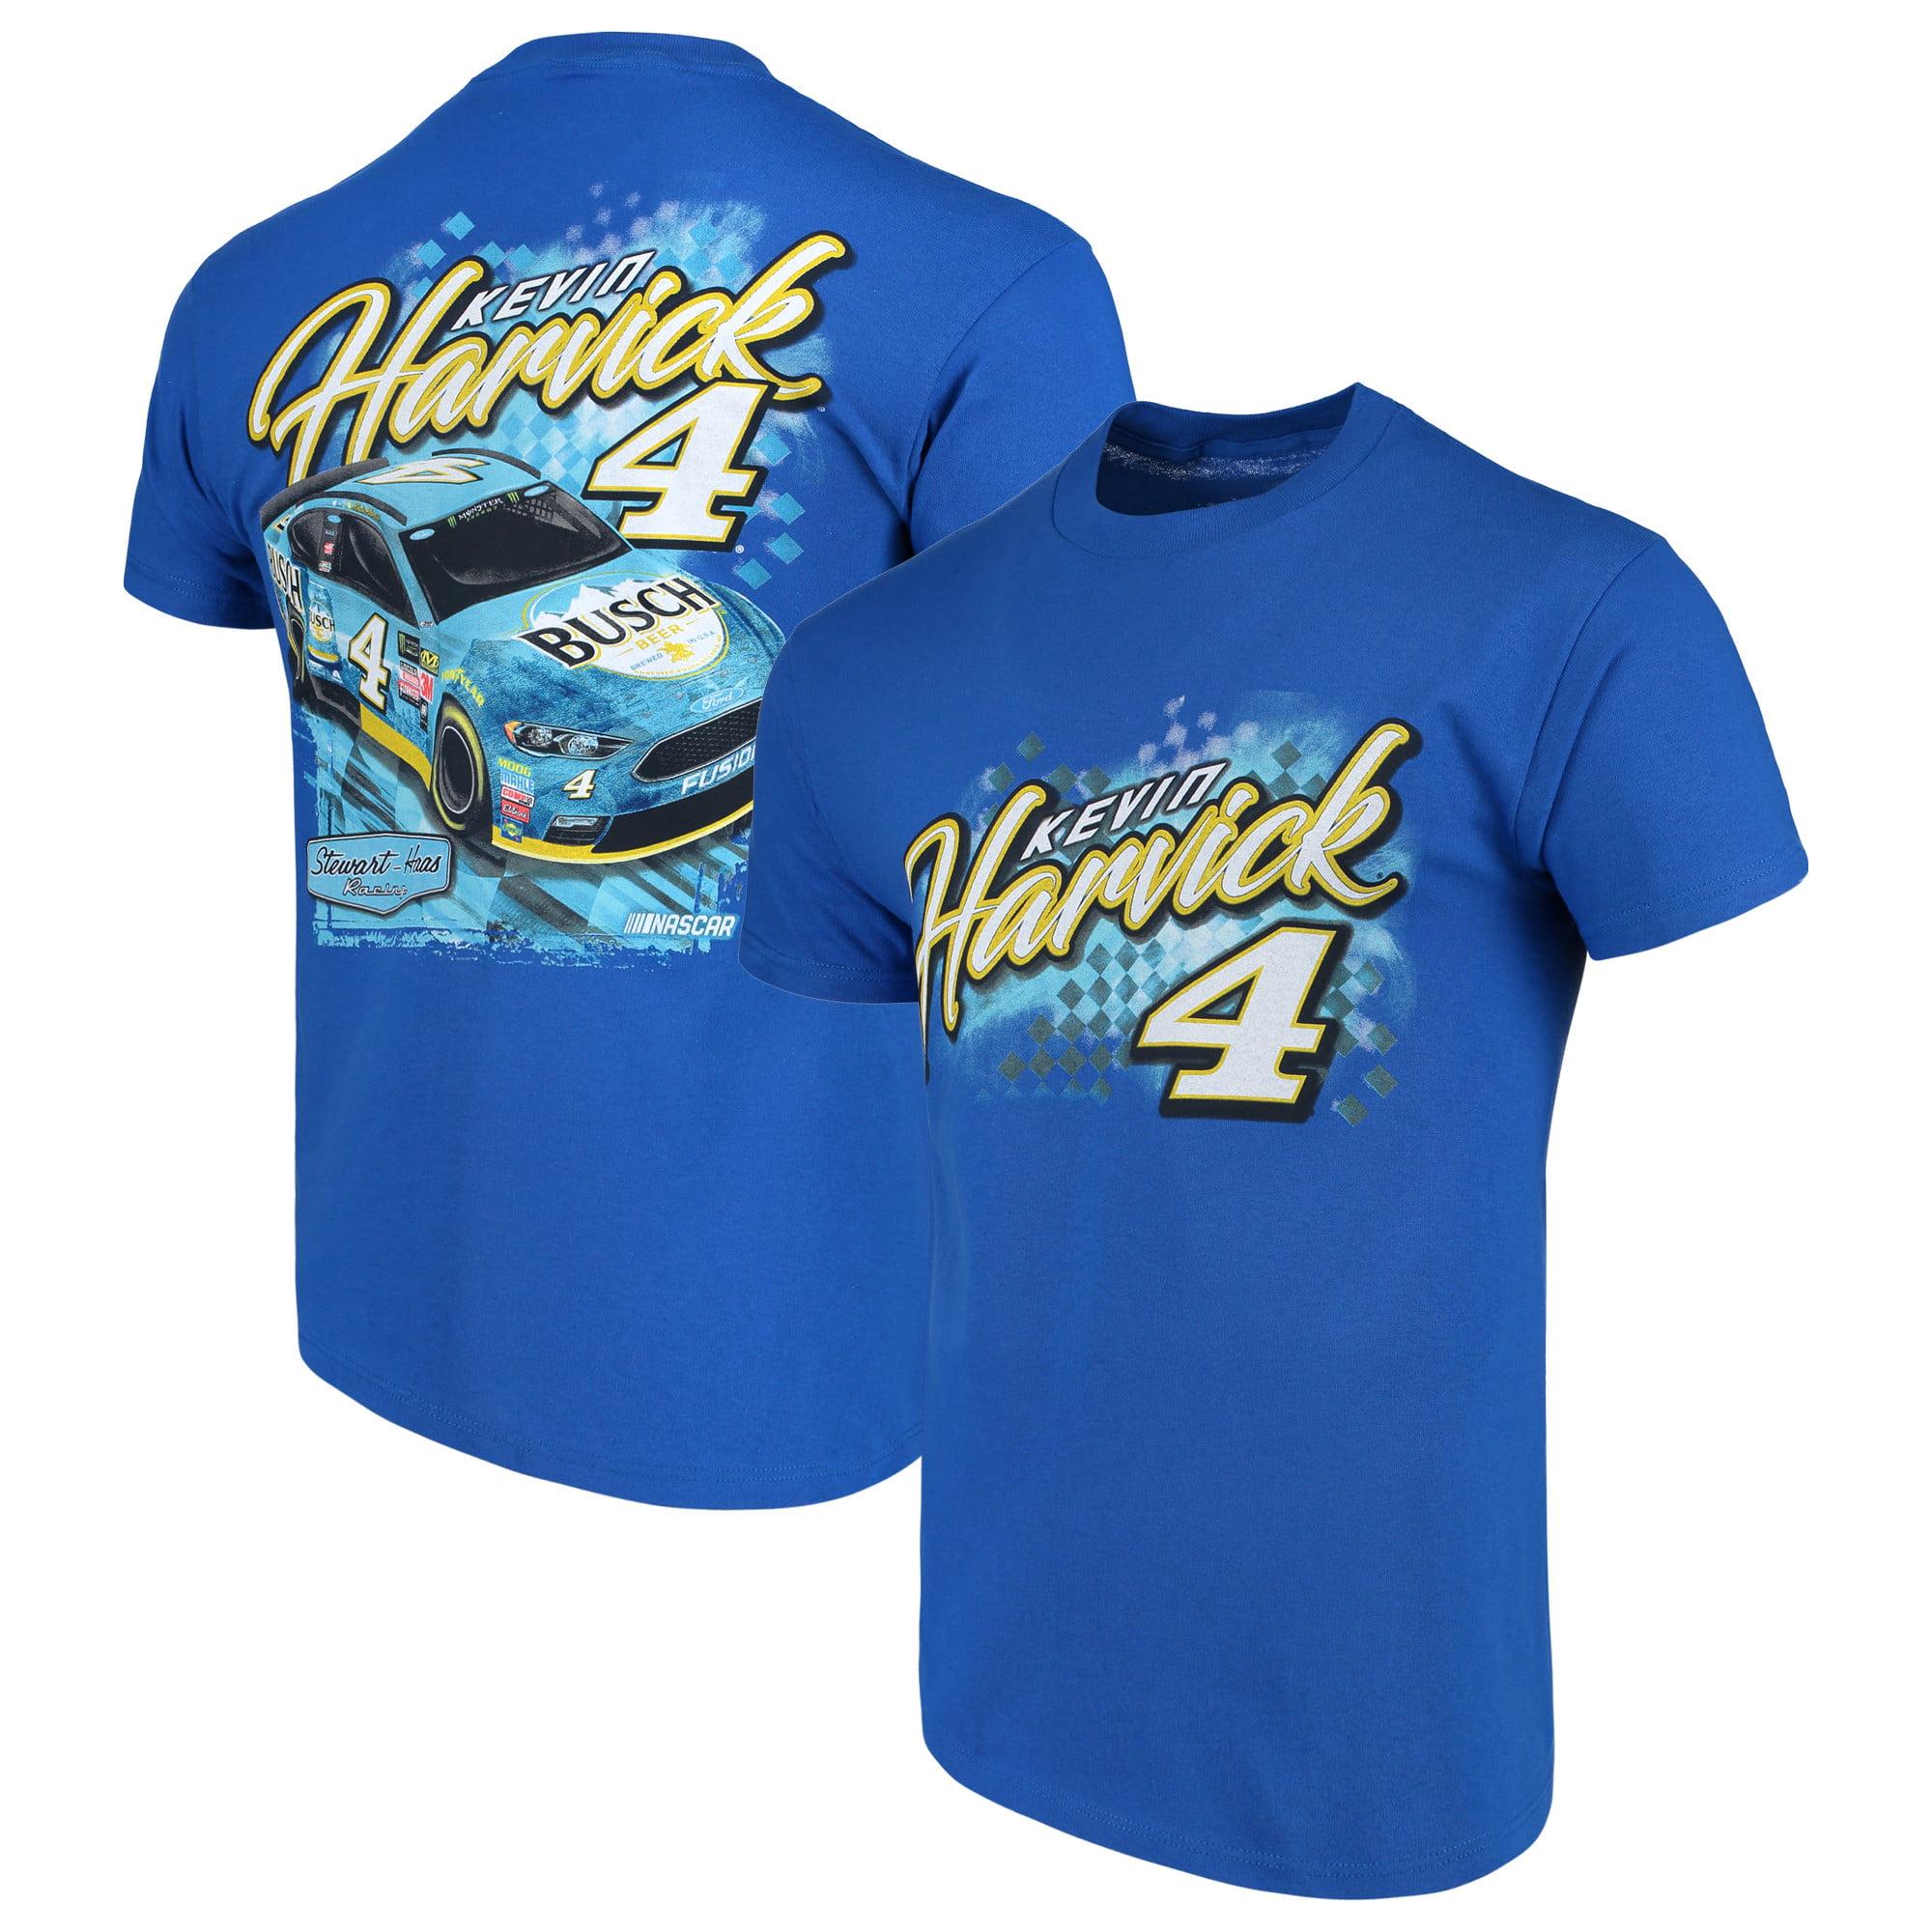 Kevin Harvick Guts & Glory T-Shirt - Royal